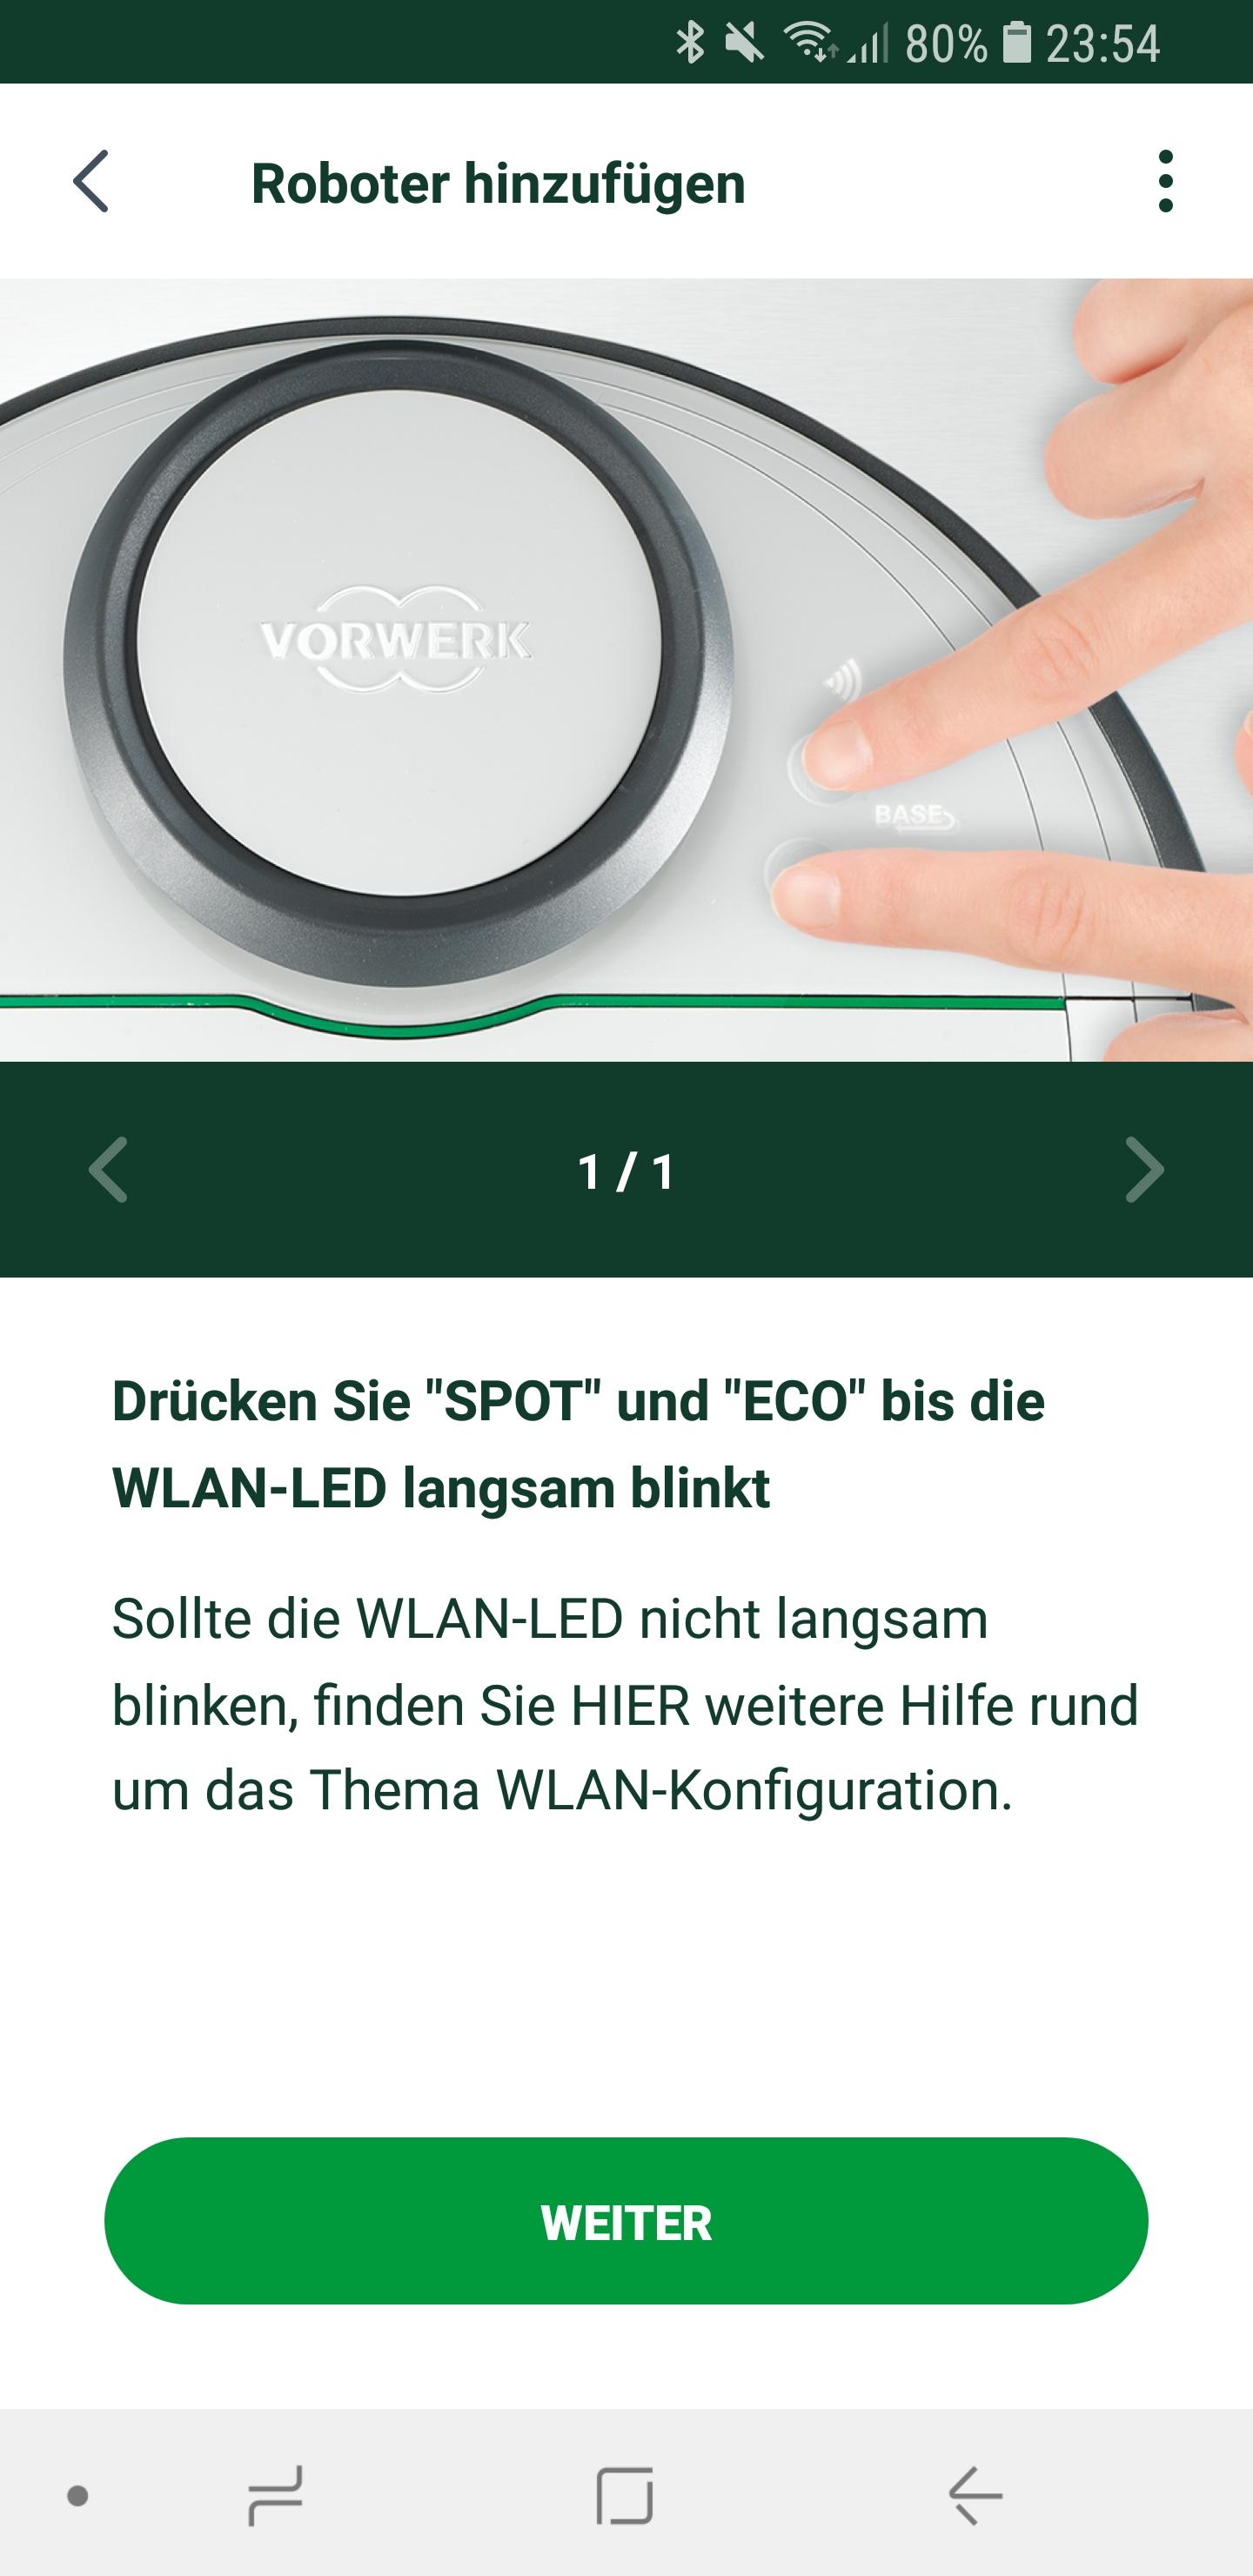 Vorwerk-Kobold-VR300-Einrichten-8